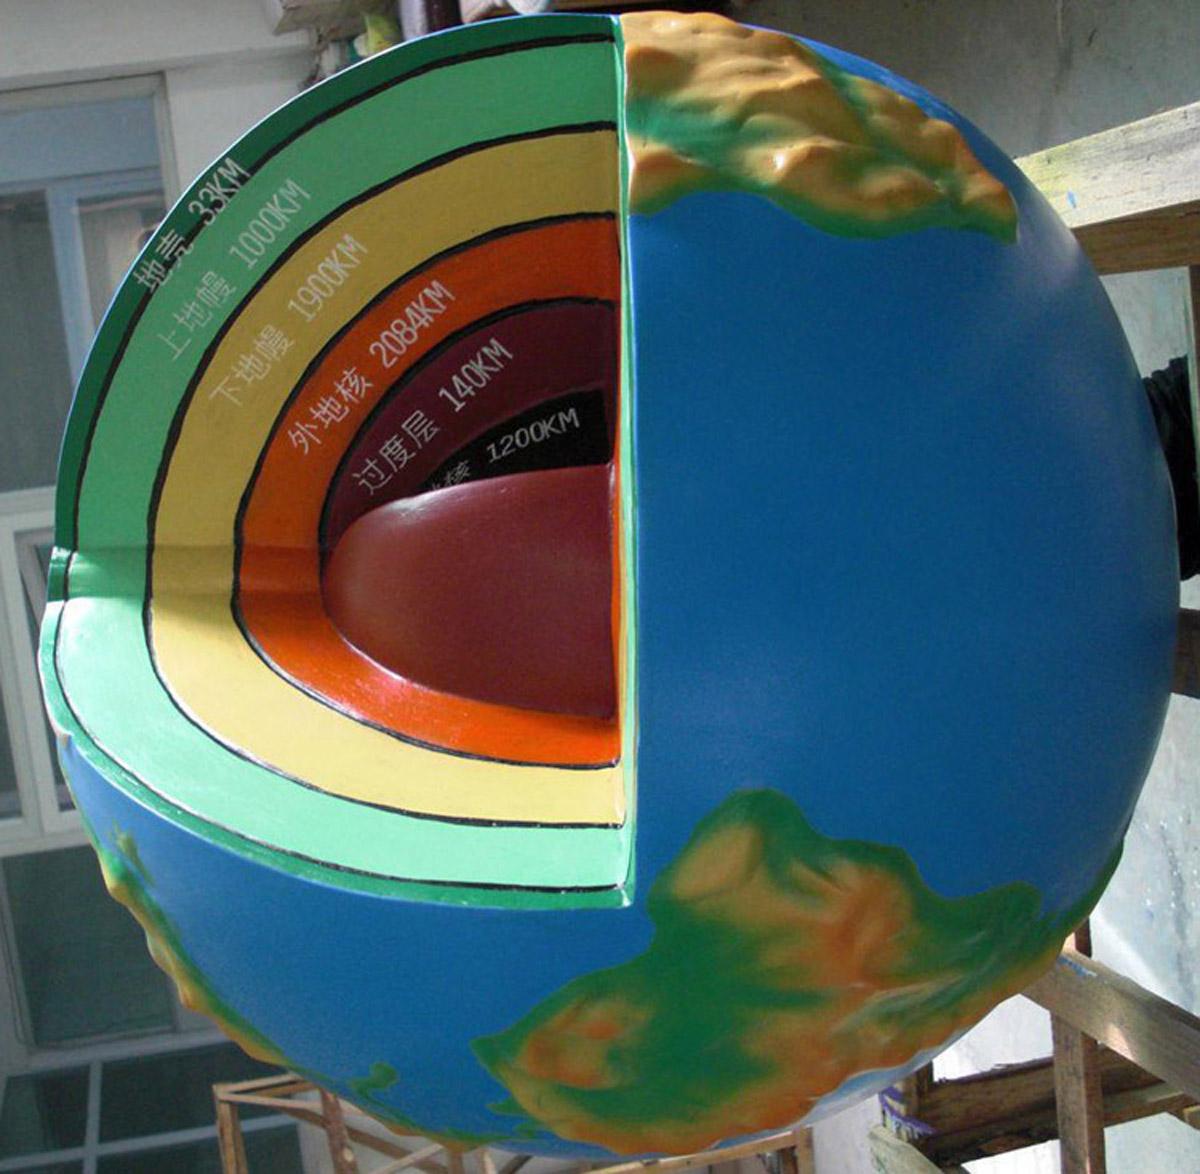 安全体验地球内部模型